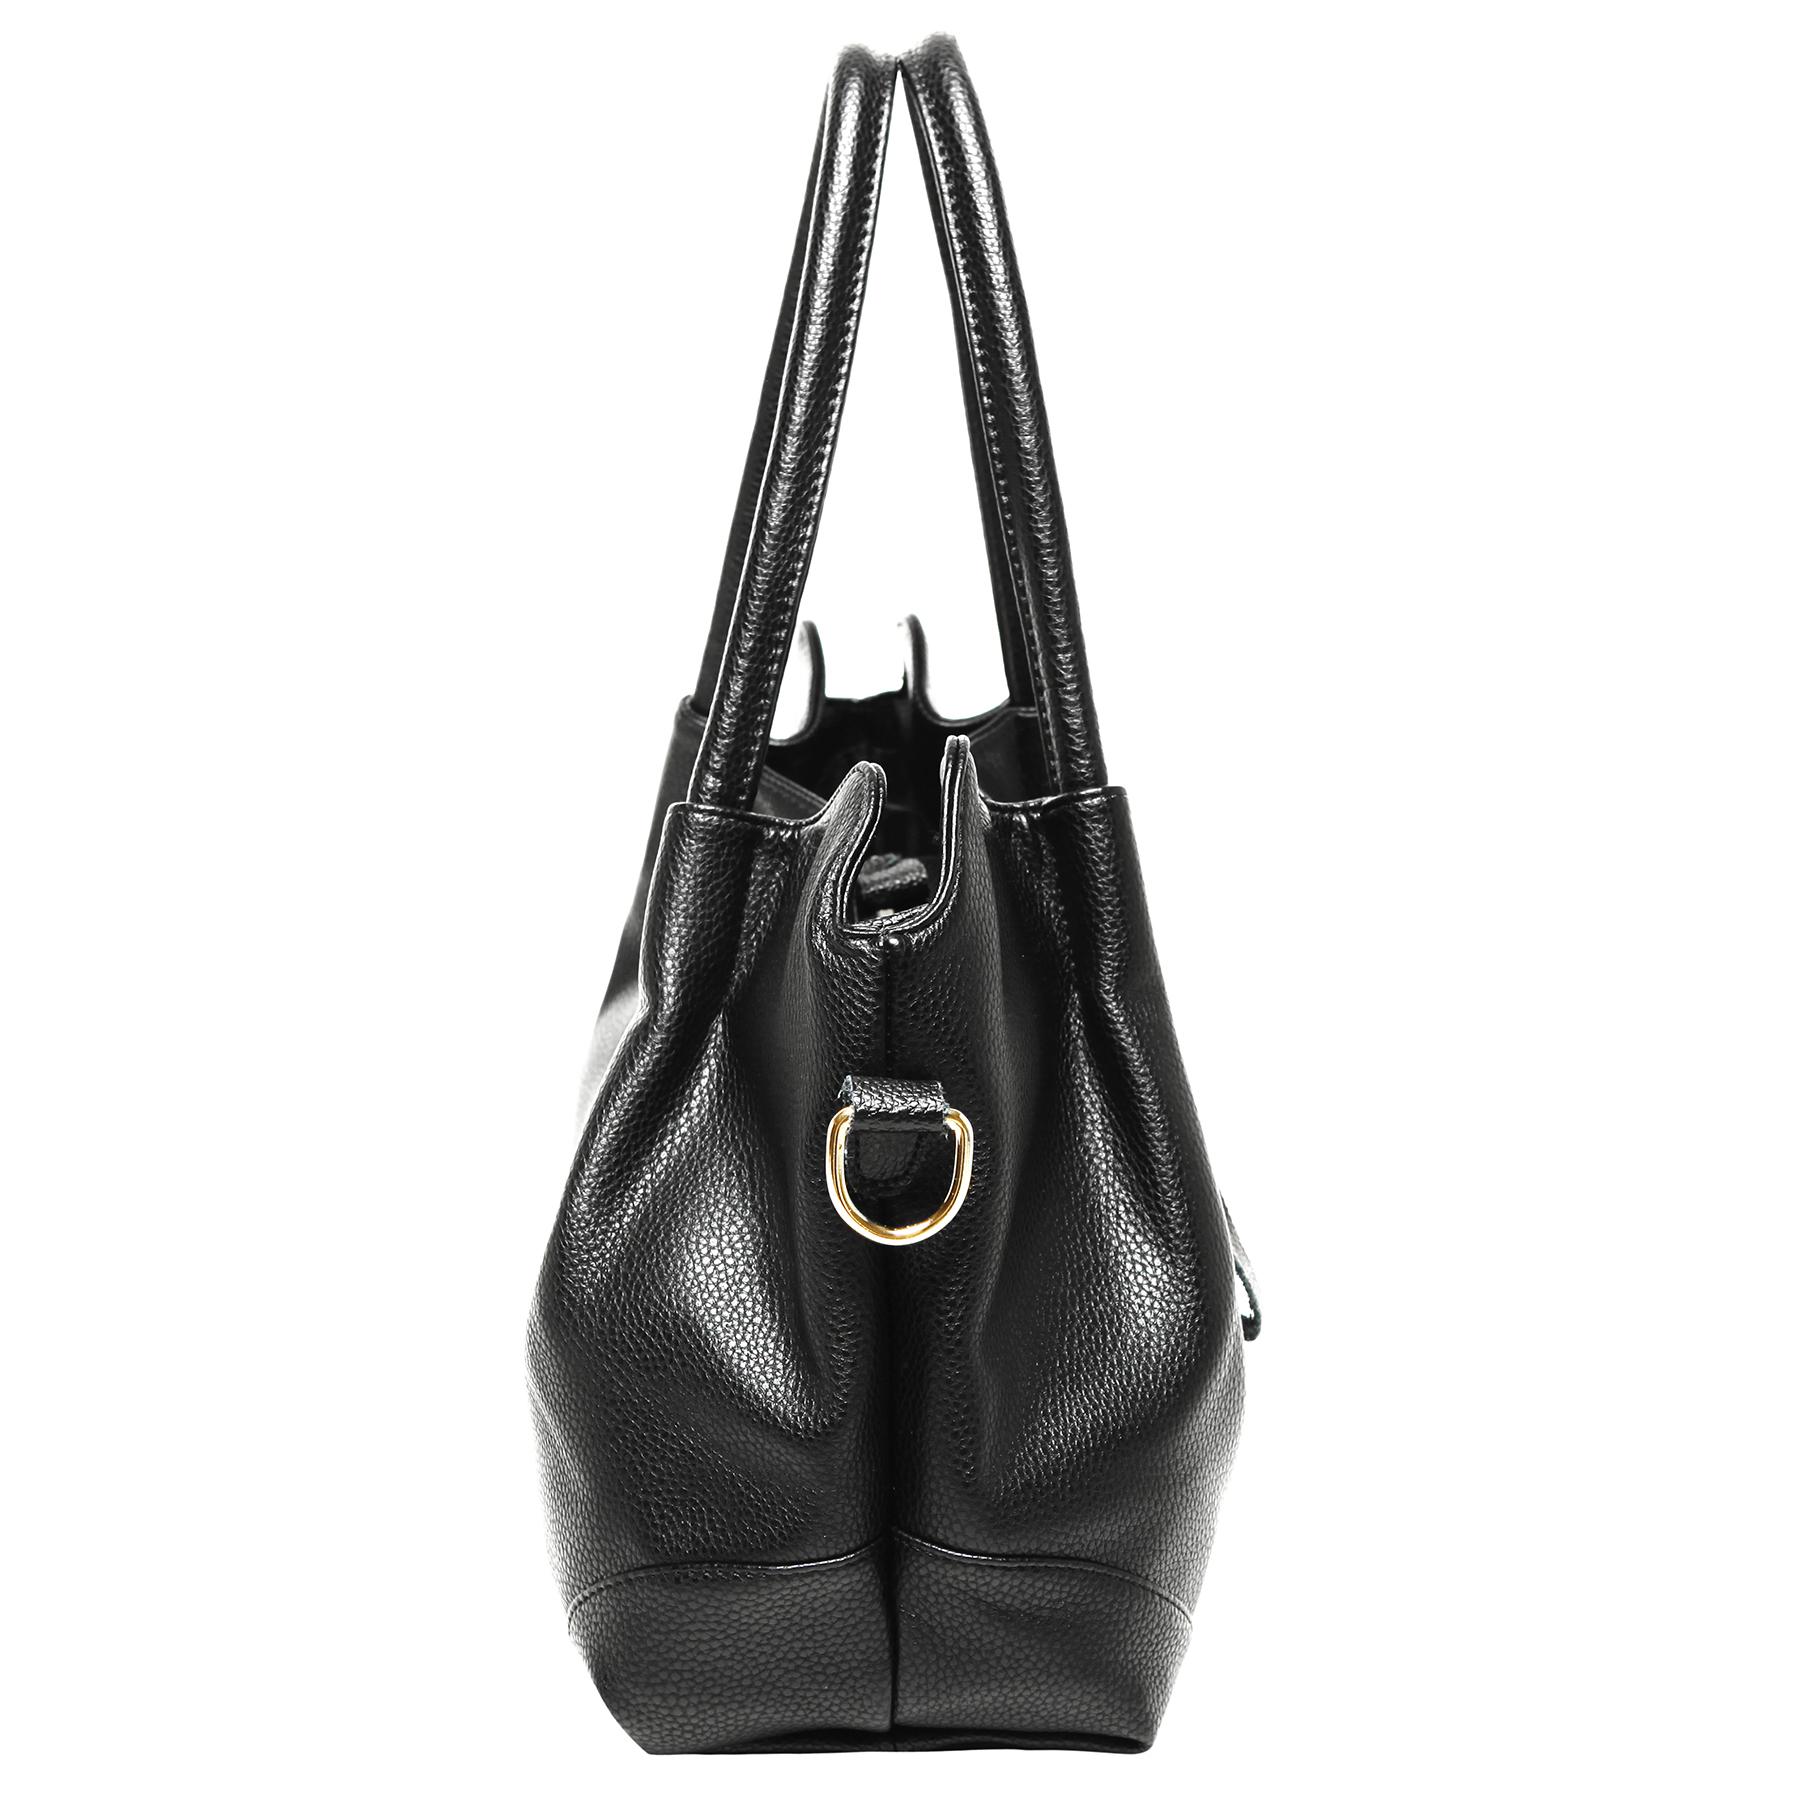 ASSA Black Classic Top Handle Shoulder Bag Handbag side